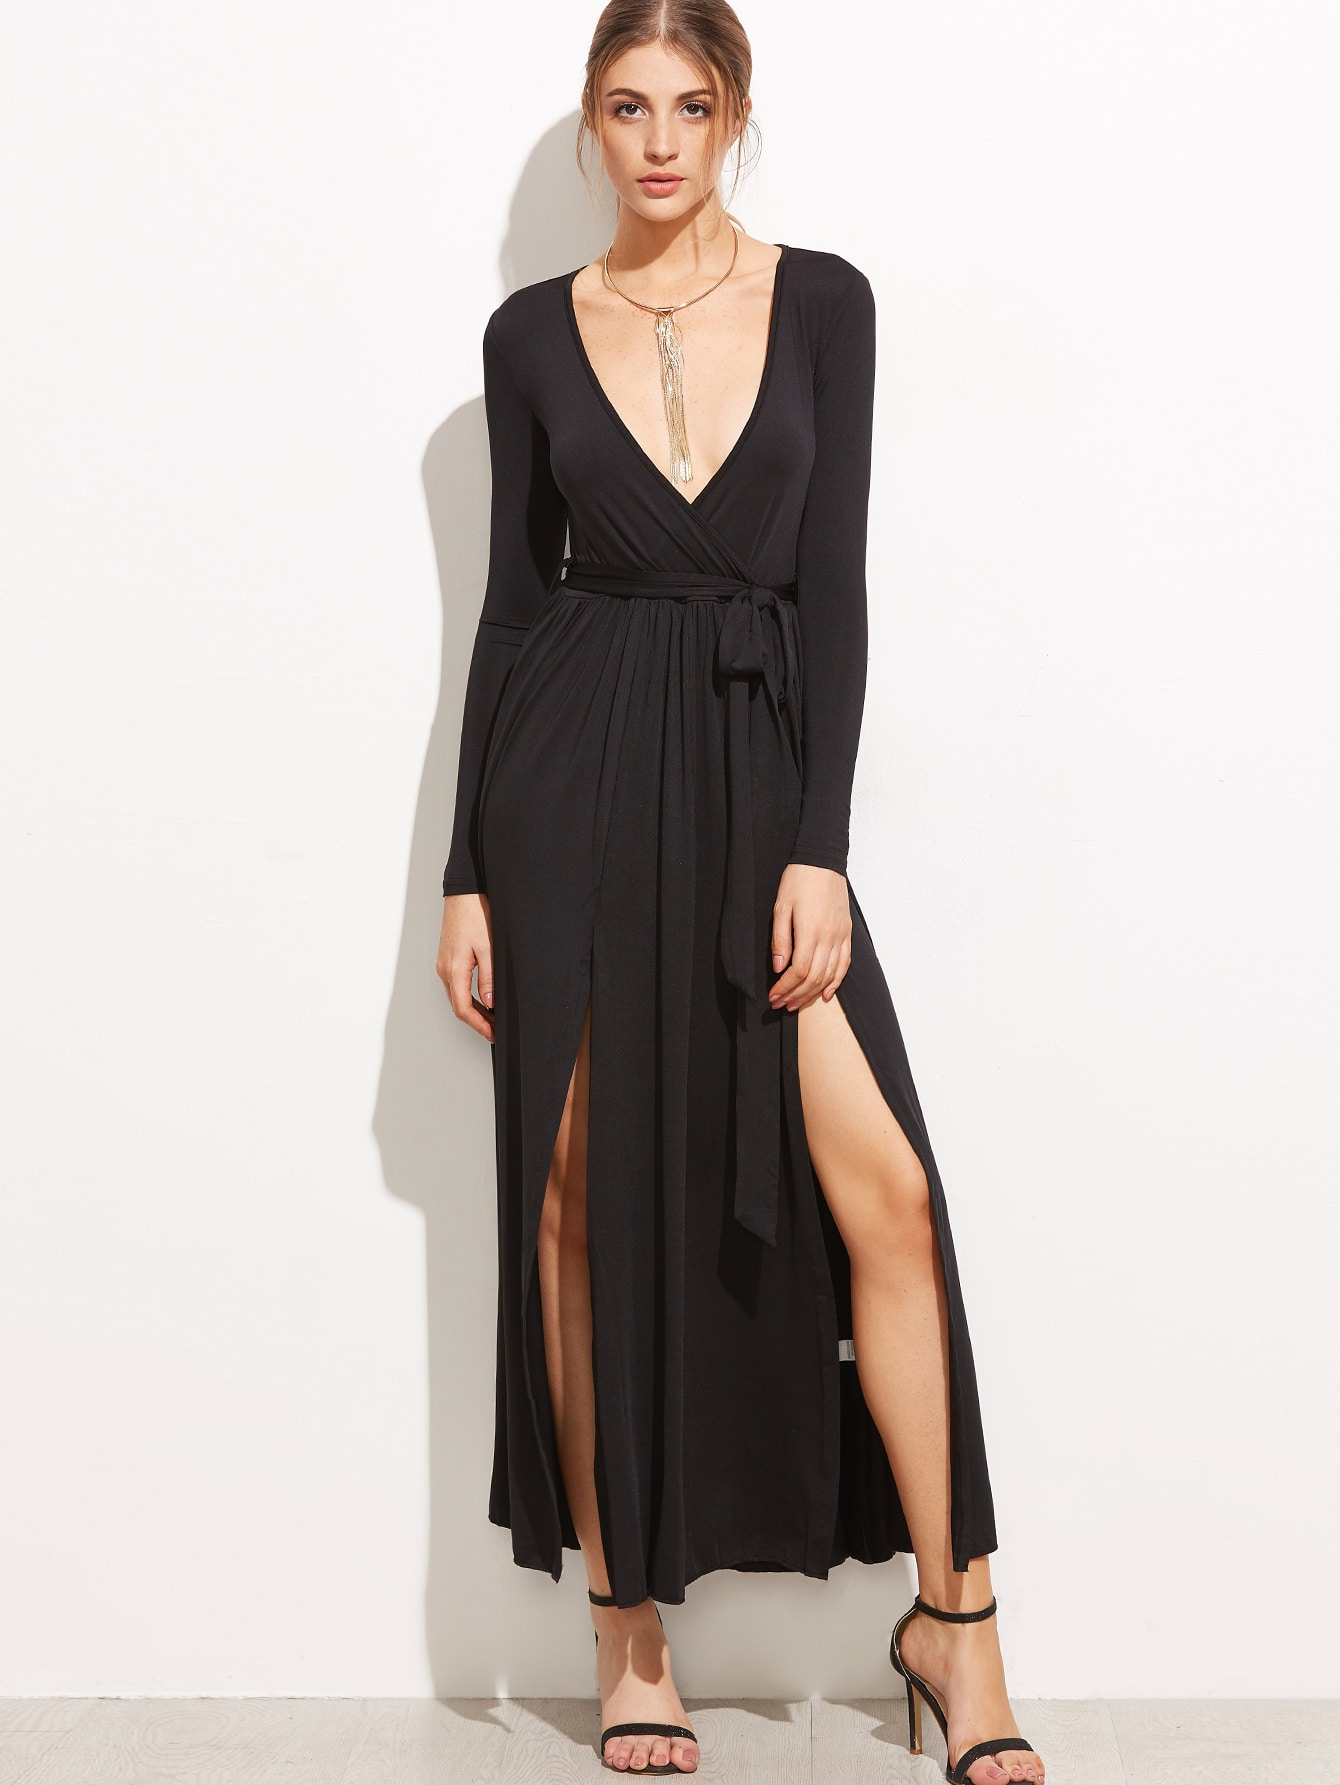 Black Slit Side Wrap Dress With Belt dress161005306